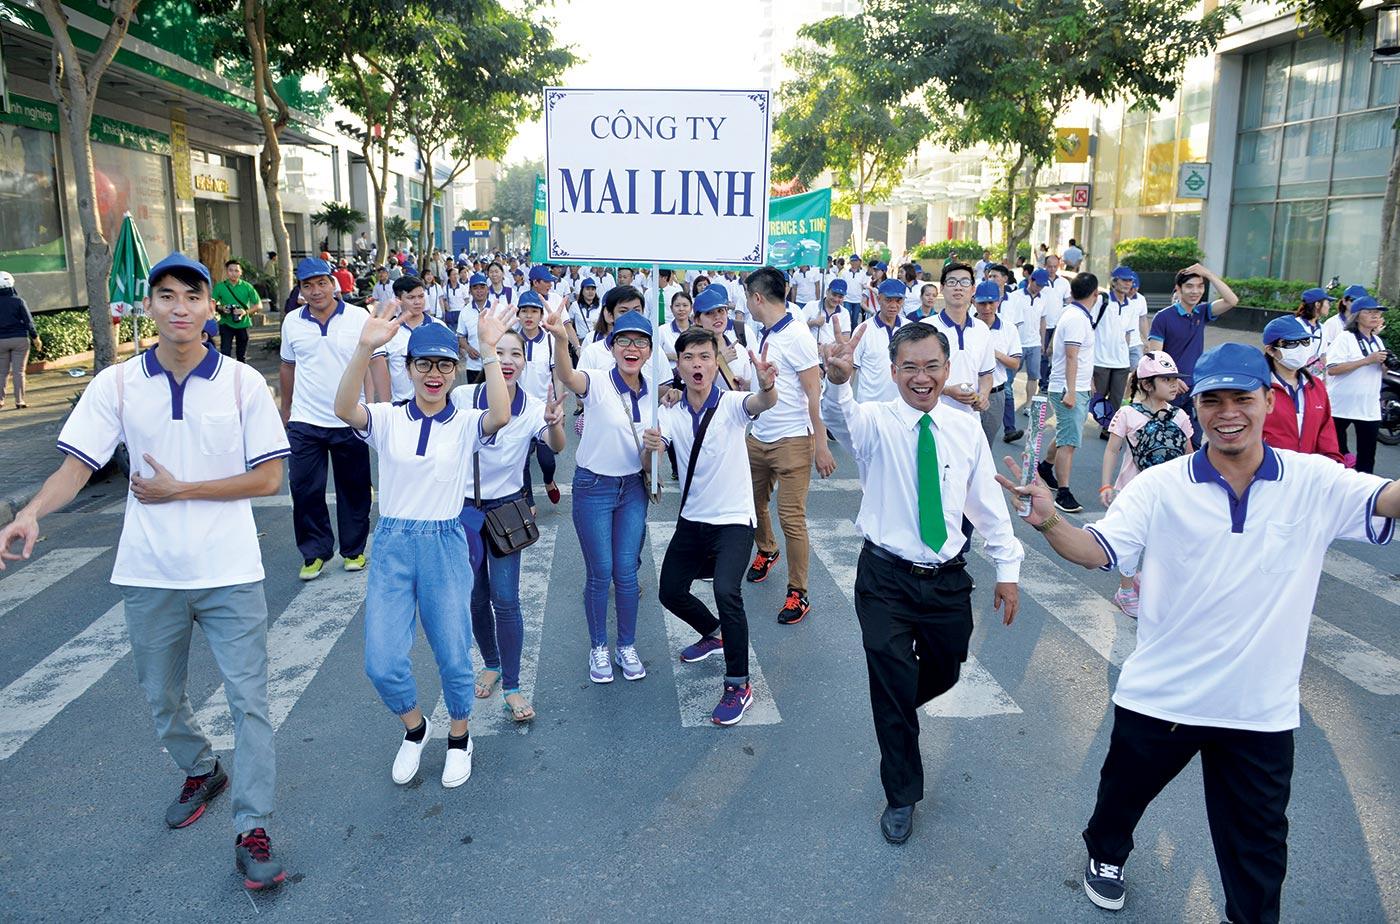 Nhân viên Công ty Mai Linh hào hứng tham gia đi bộ vì cộng đồng (2017)